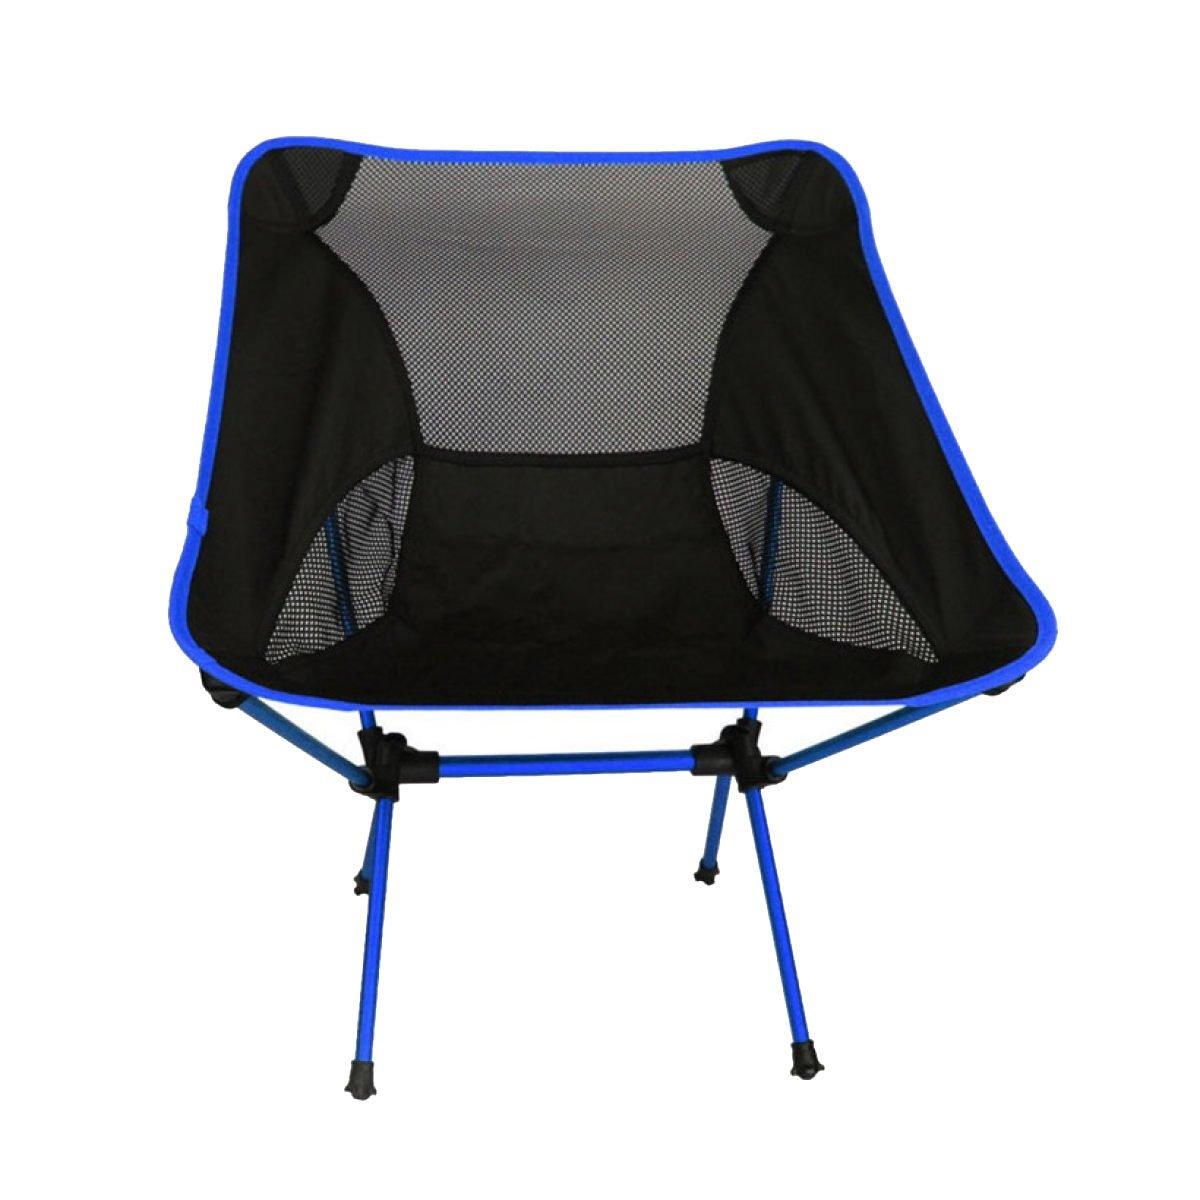 Outdoor Tragbar Leicht Mond Stühle Tragbar Klappstühle Luftfahrtaluminiumlegierung Angeln Stuhl Freizeit-Stühle,Blau